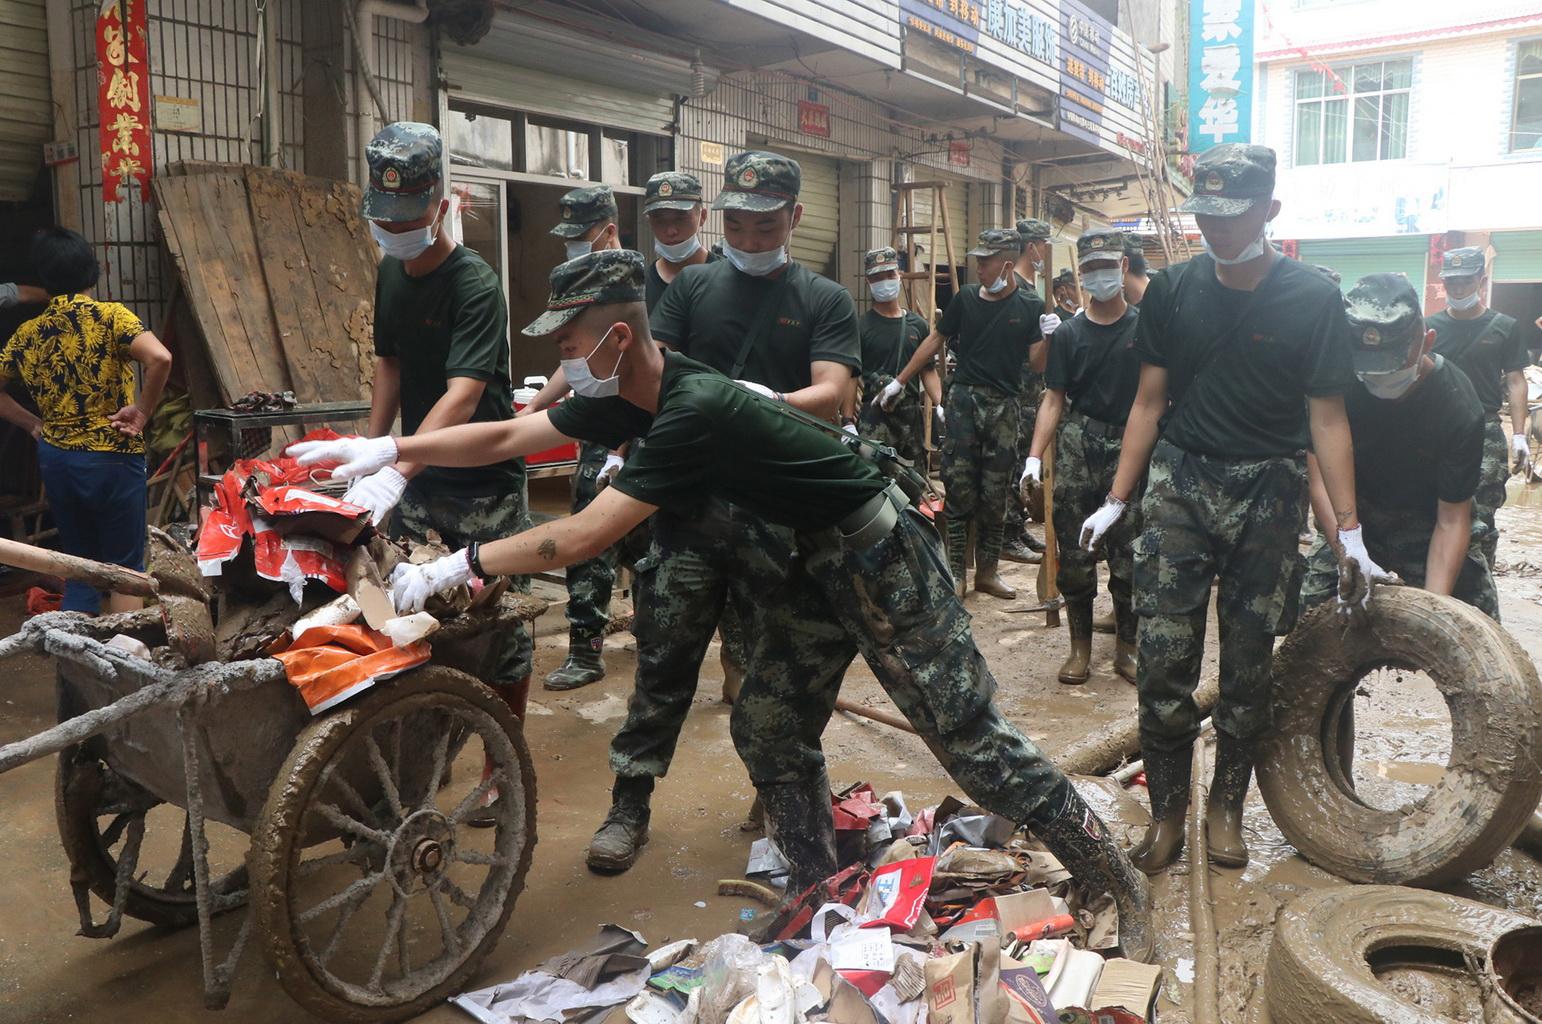 武警赣州支队官兵在江西省瑞金市九堡镇菜市场合力清理淤泥和垃圾(7月19日摄)。